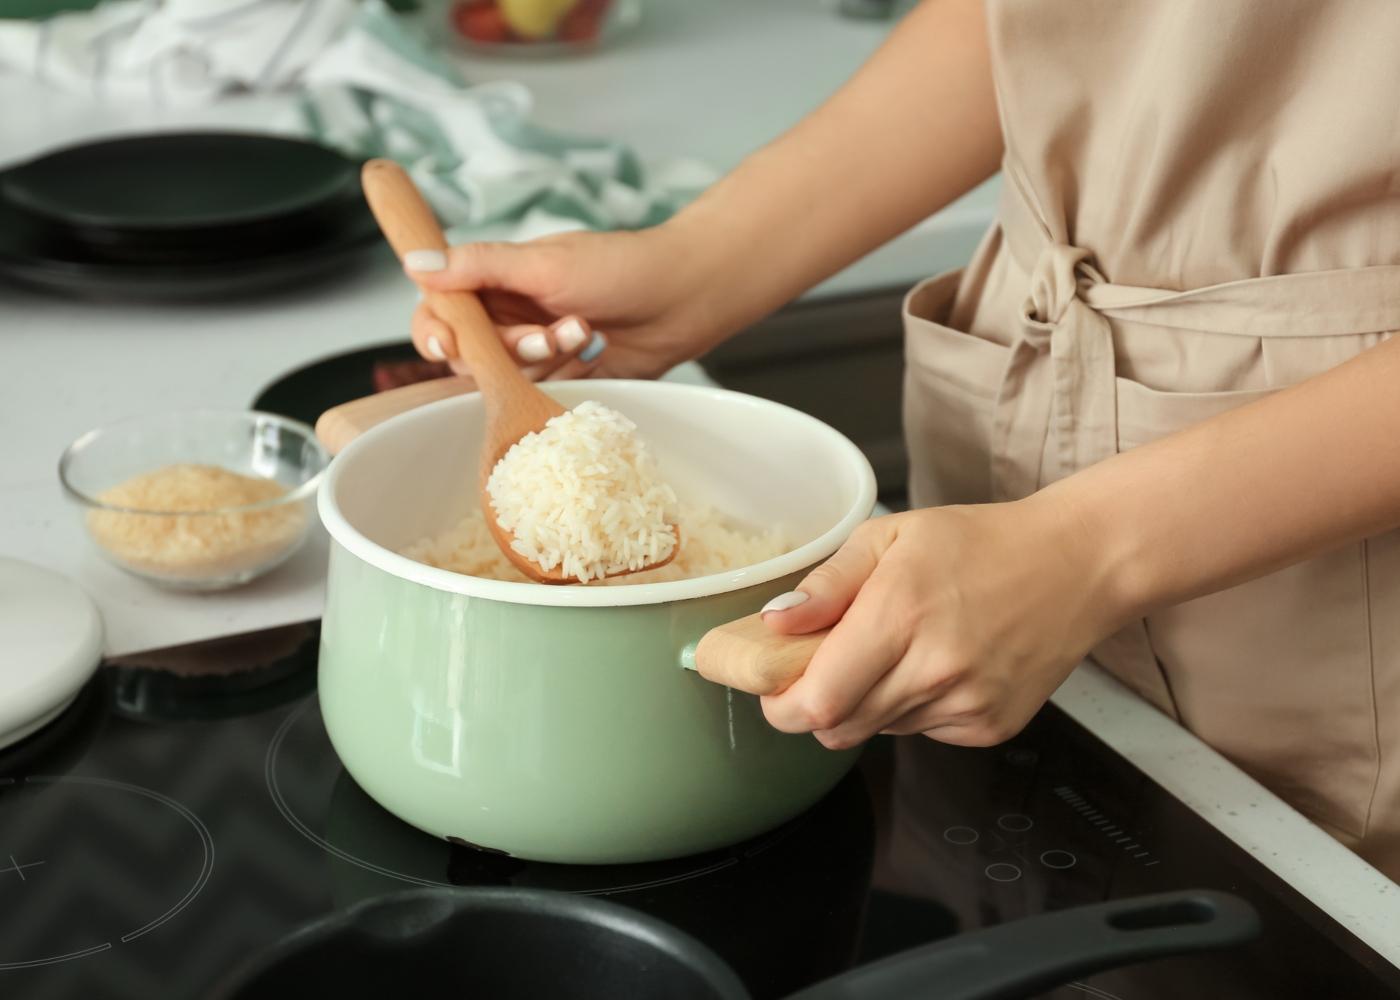 Mullher a cozinhar arroz para o almoço